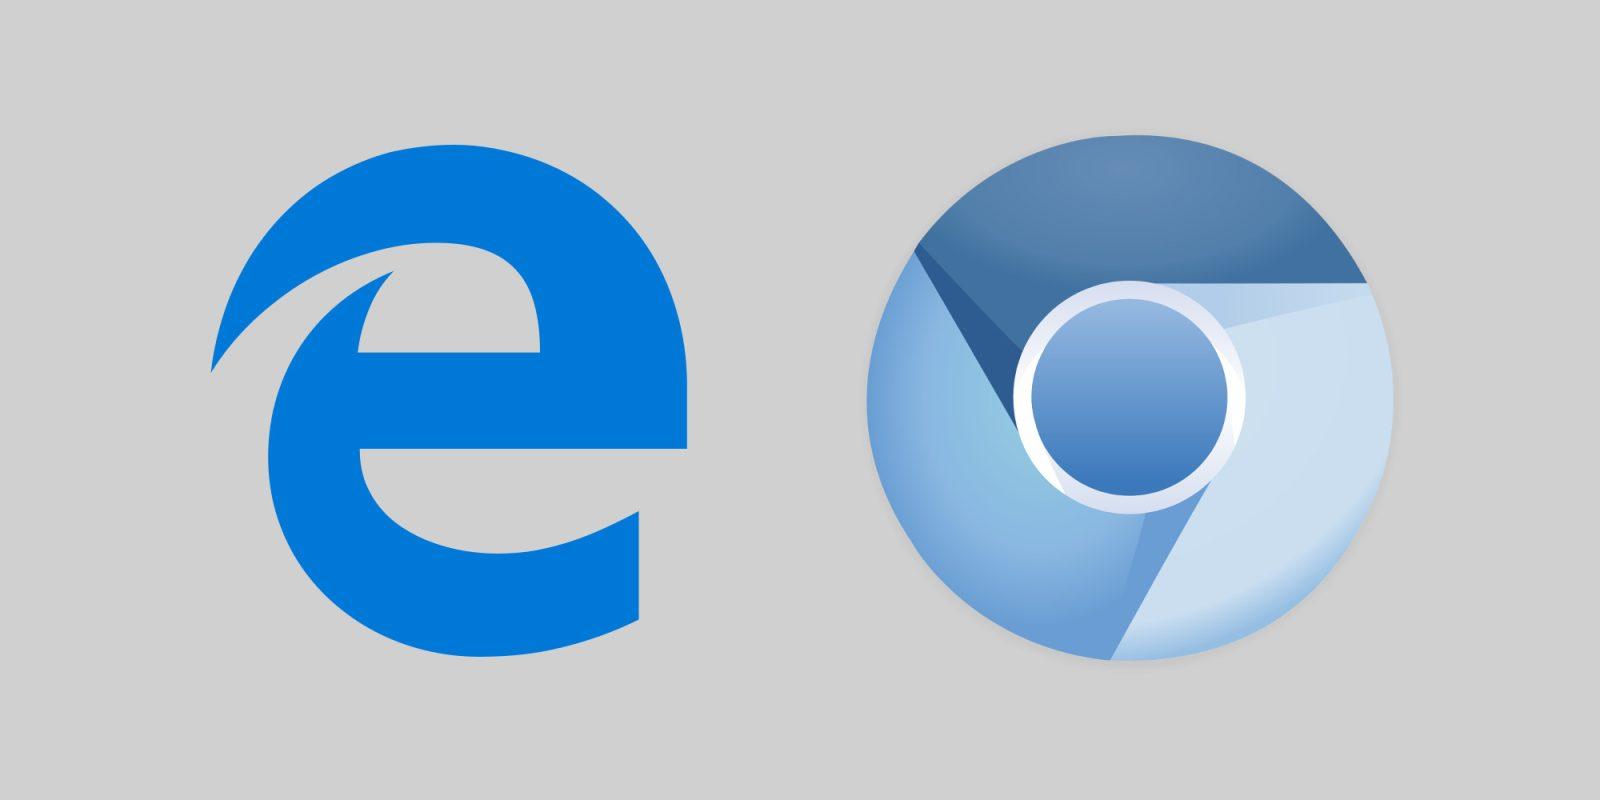 Edge 开发团队透露更多细节:兼容Chrome扩展